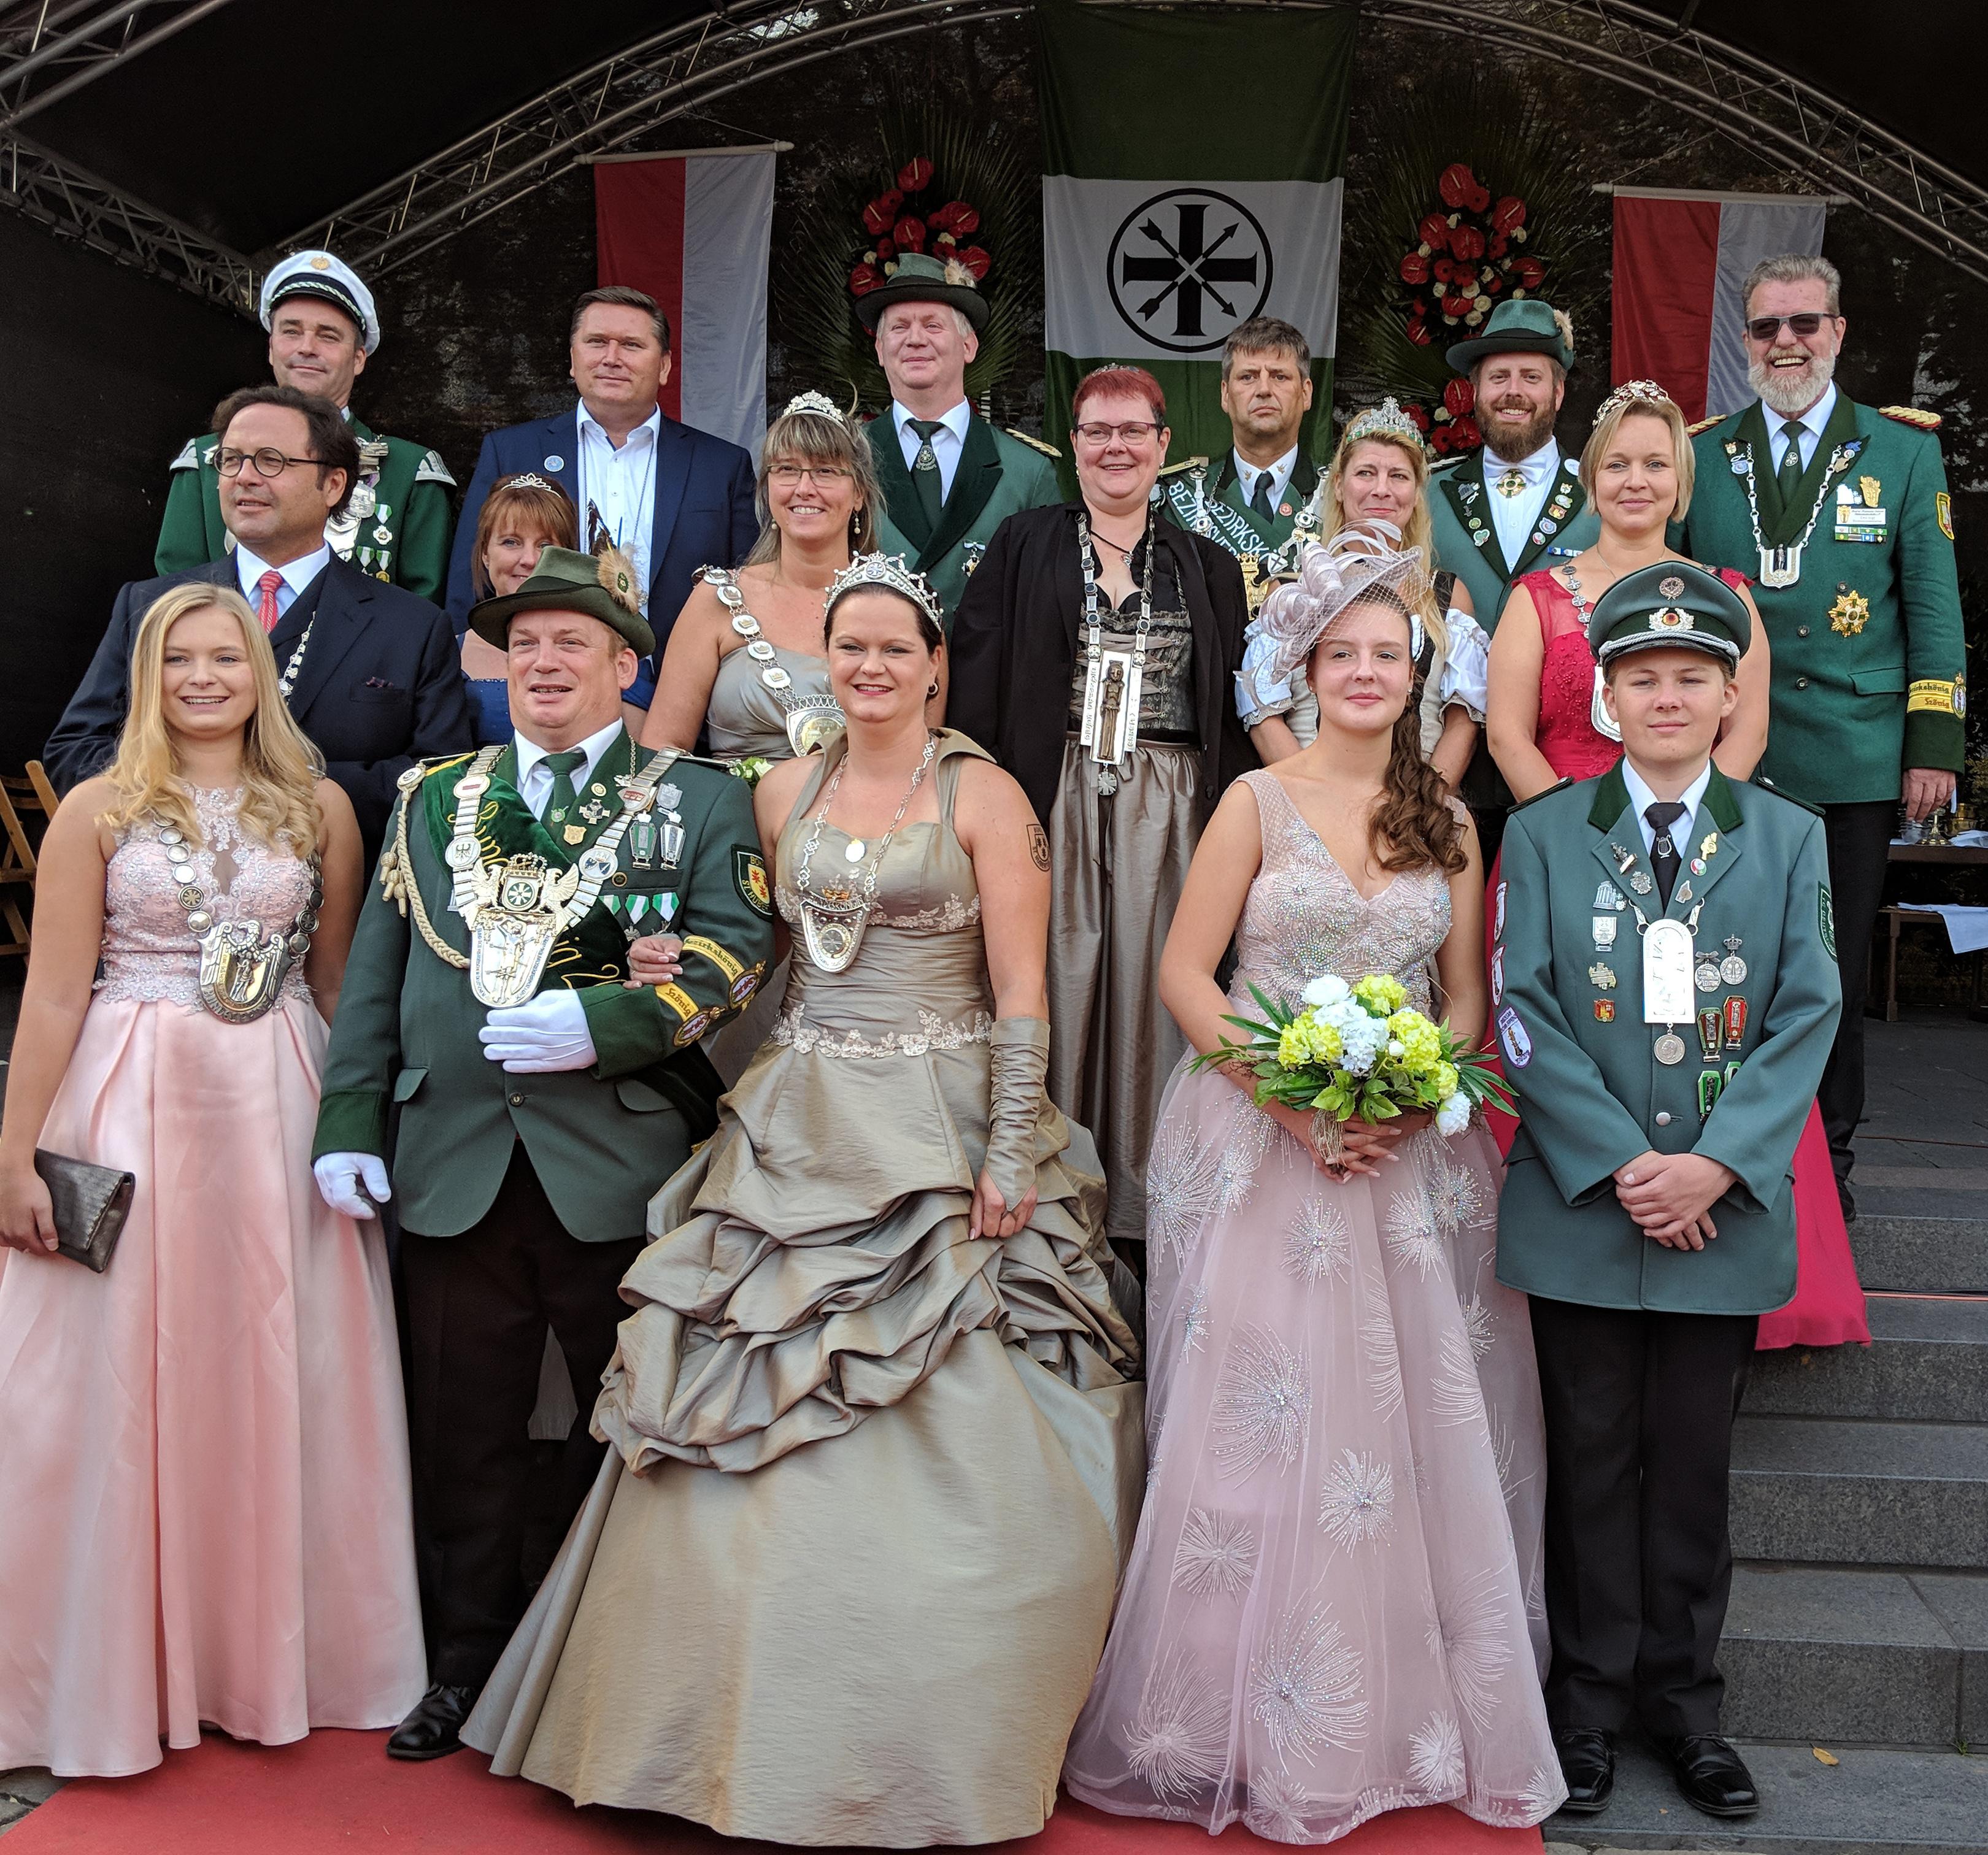 Unser Diözesankönigspaar Helga und Christian Klein inmitten aller anderen Majestäten! (Foto Irene Tuschen)